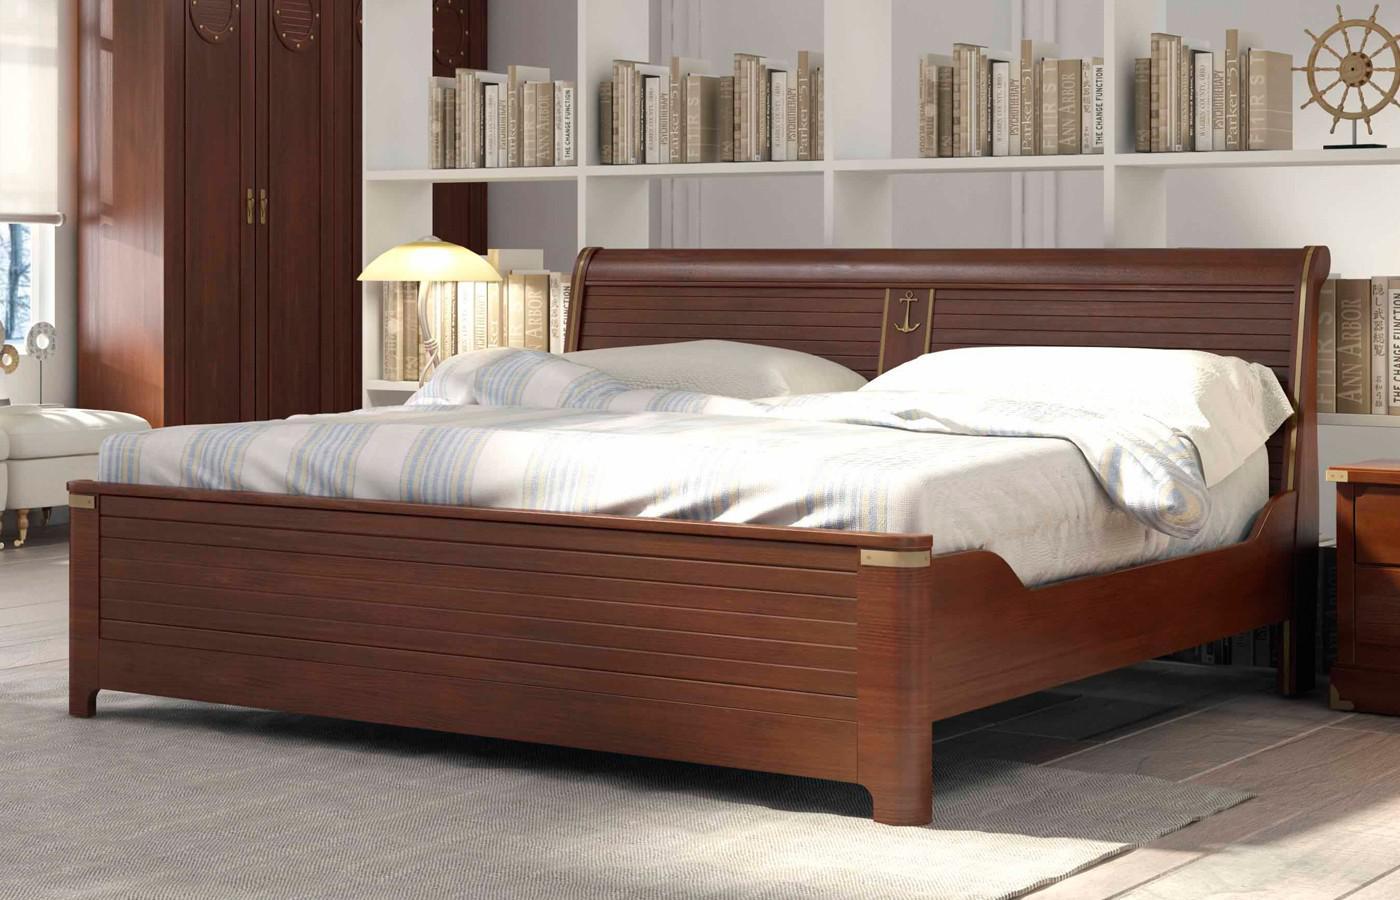 Imagenes de camas de madera fotos presupuesto e imagenes - Modelo de camas ...